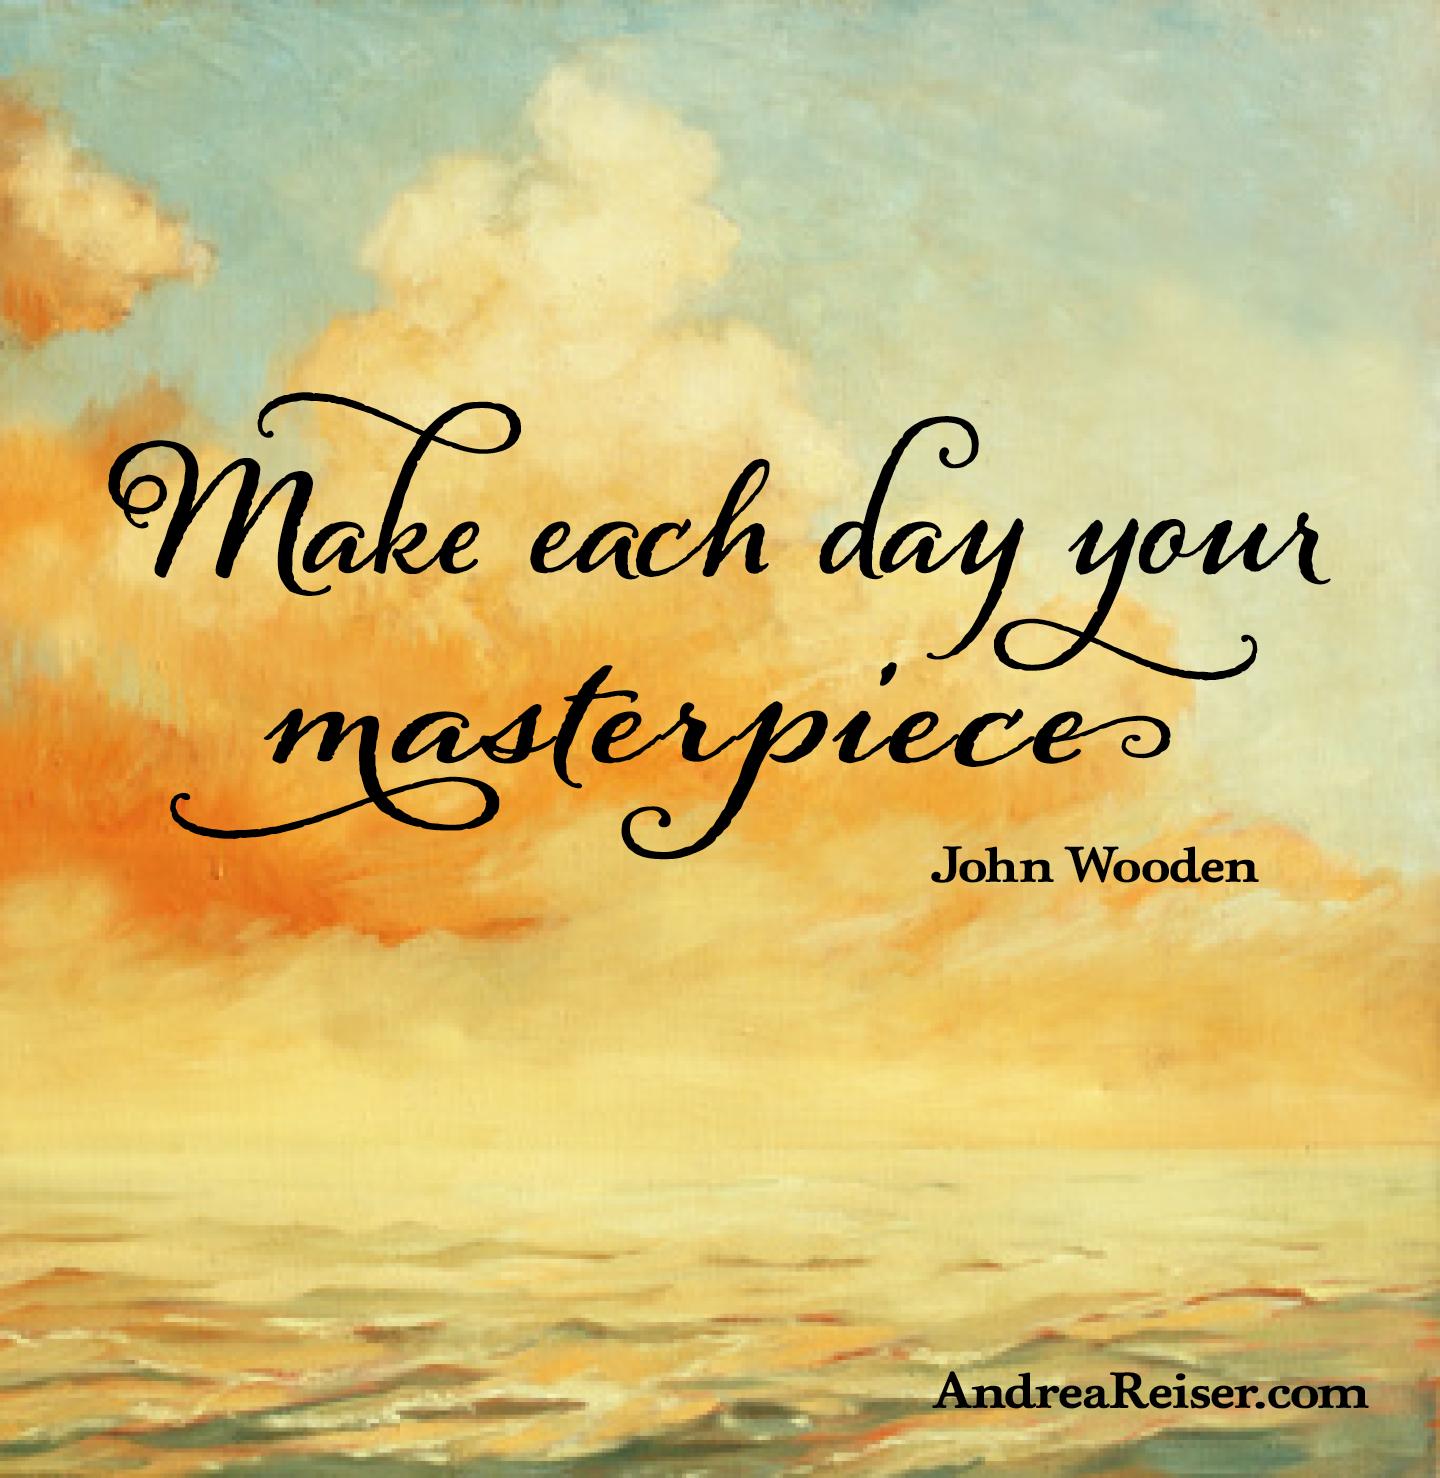 Make Each Day Your Masterpiece  Andrea Reiser Andrea Reiser